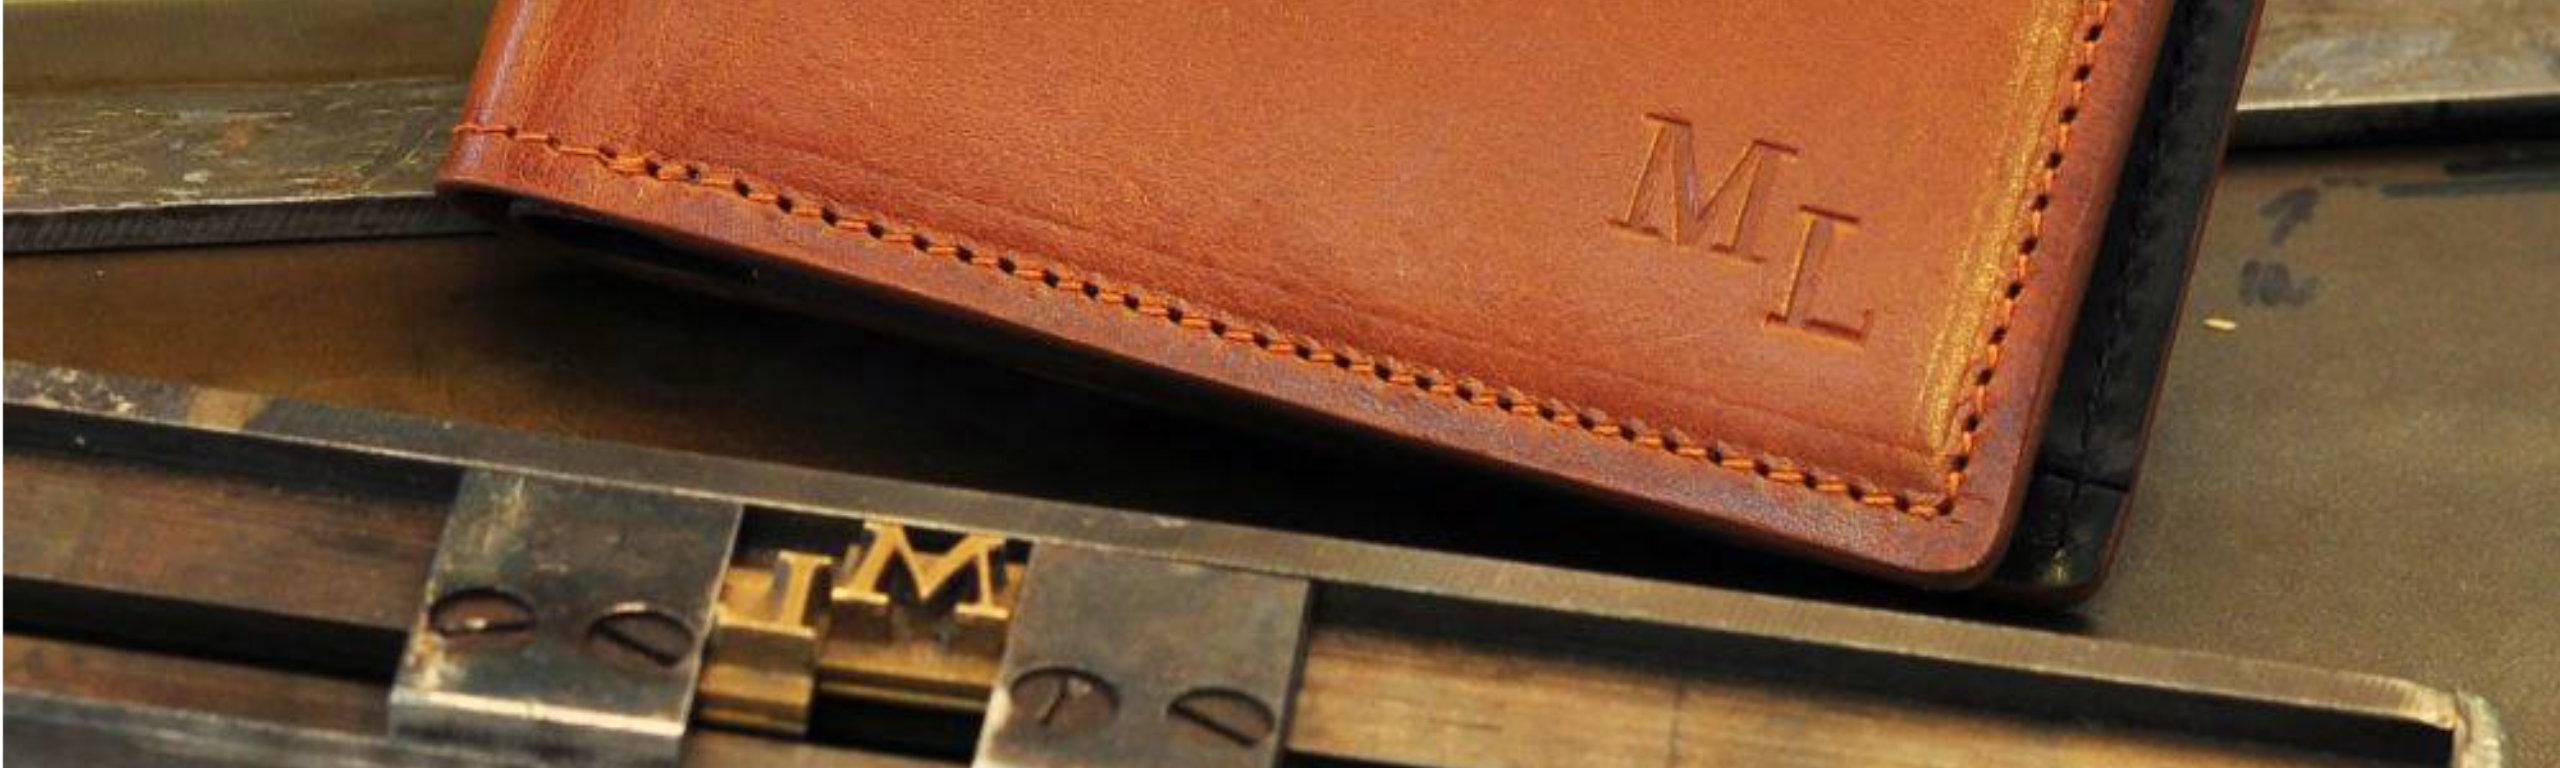 18ccb9df7 Kožené peněženky na zakázku a s monogramem | Brašnářství Tlustý a ...